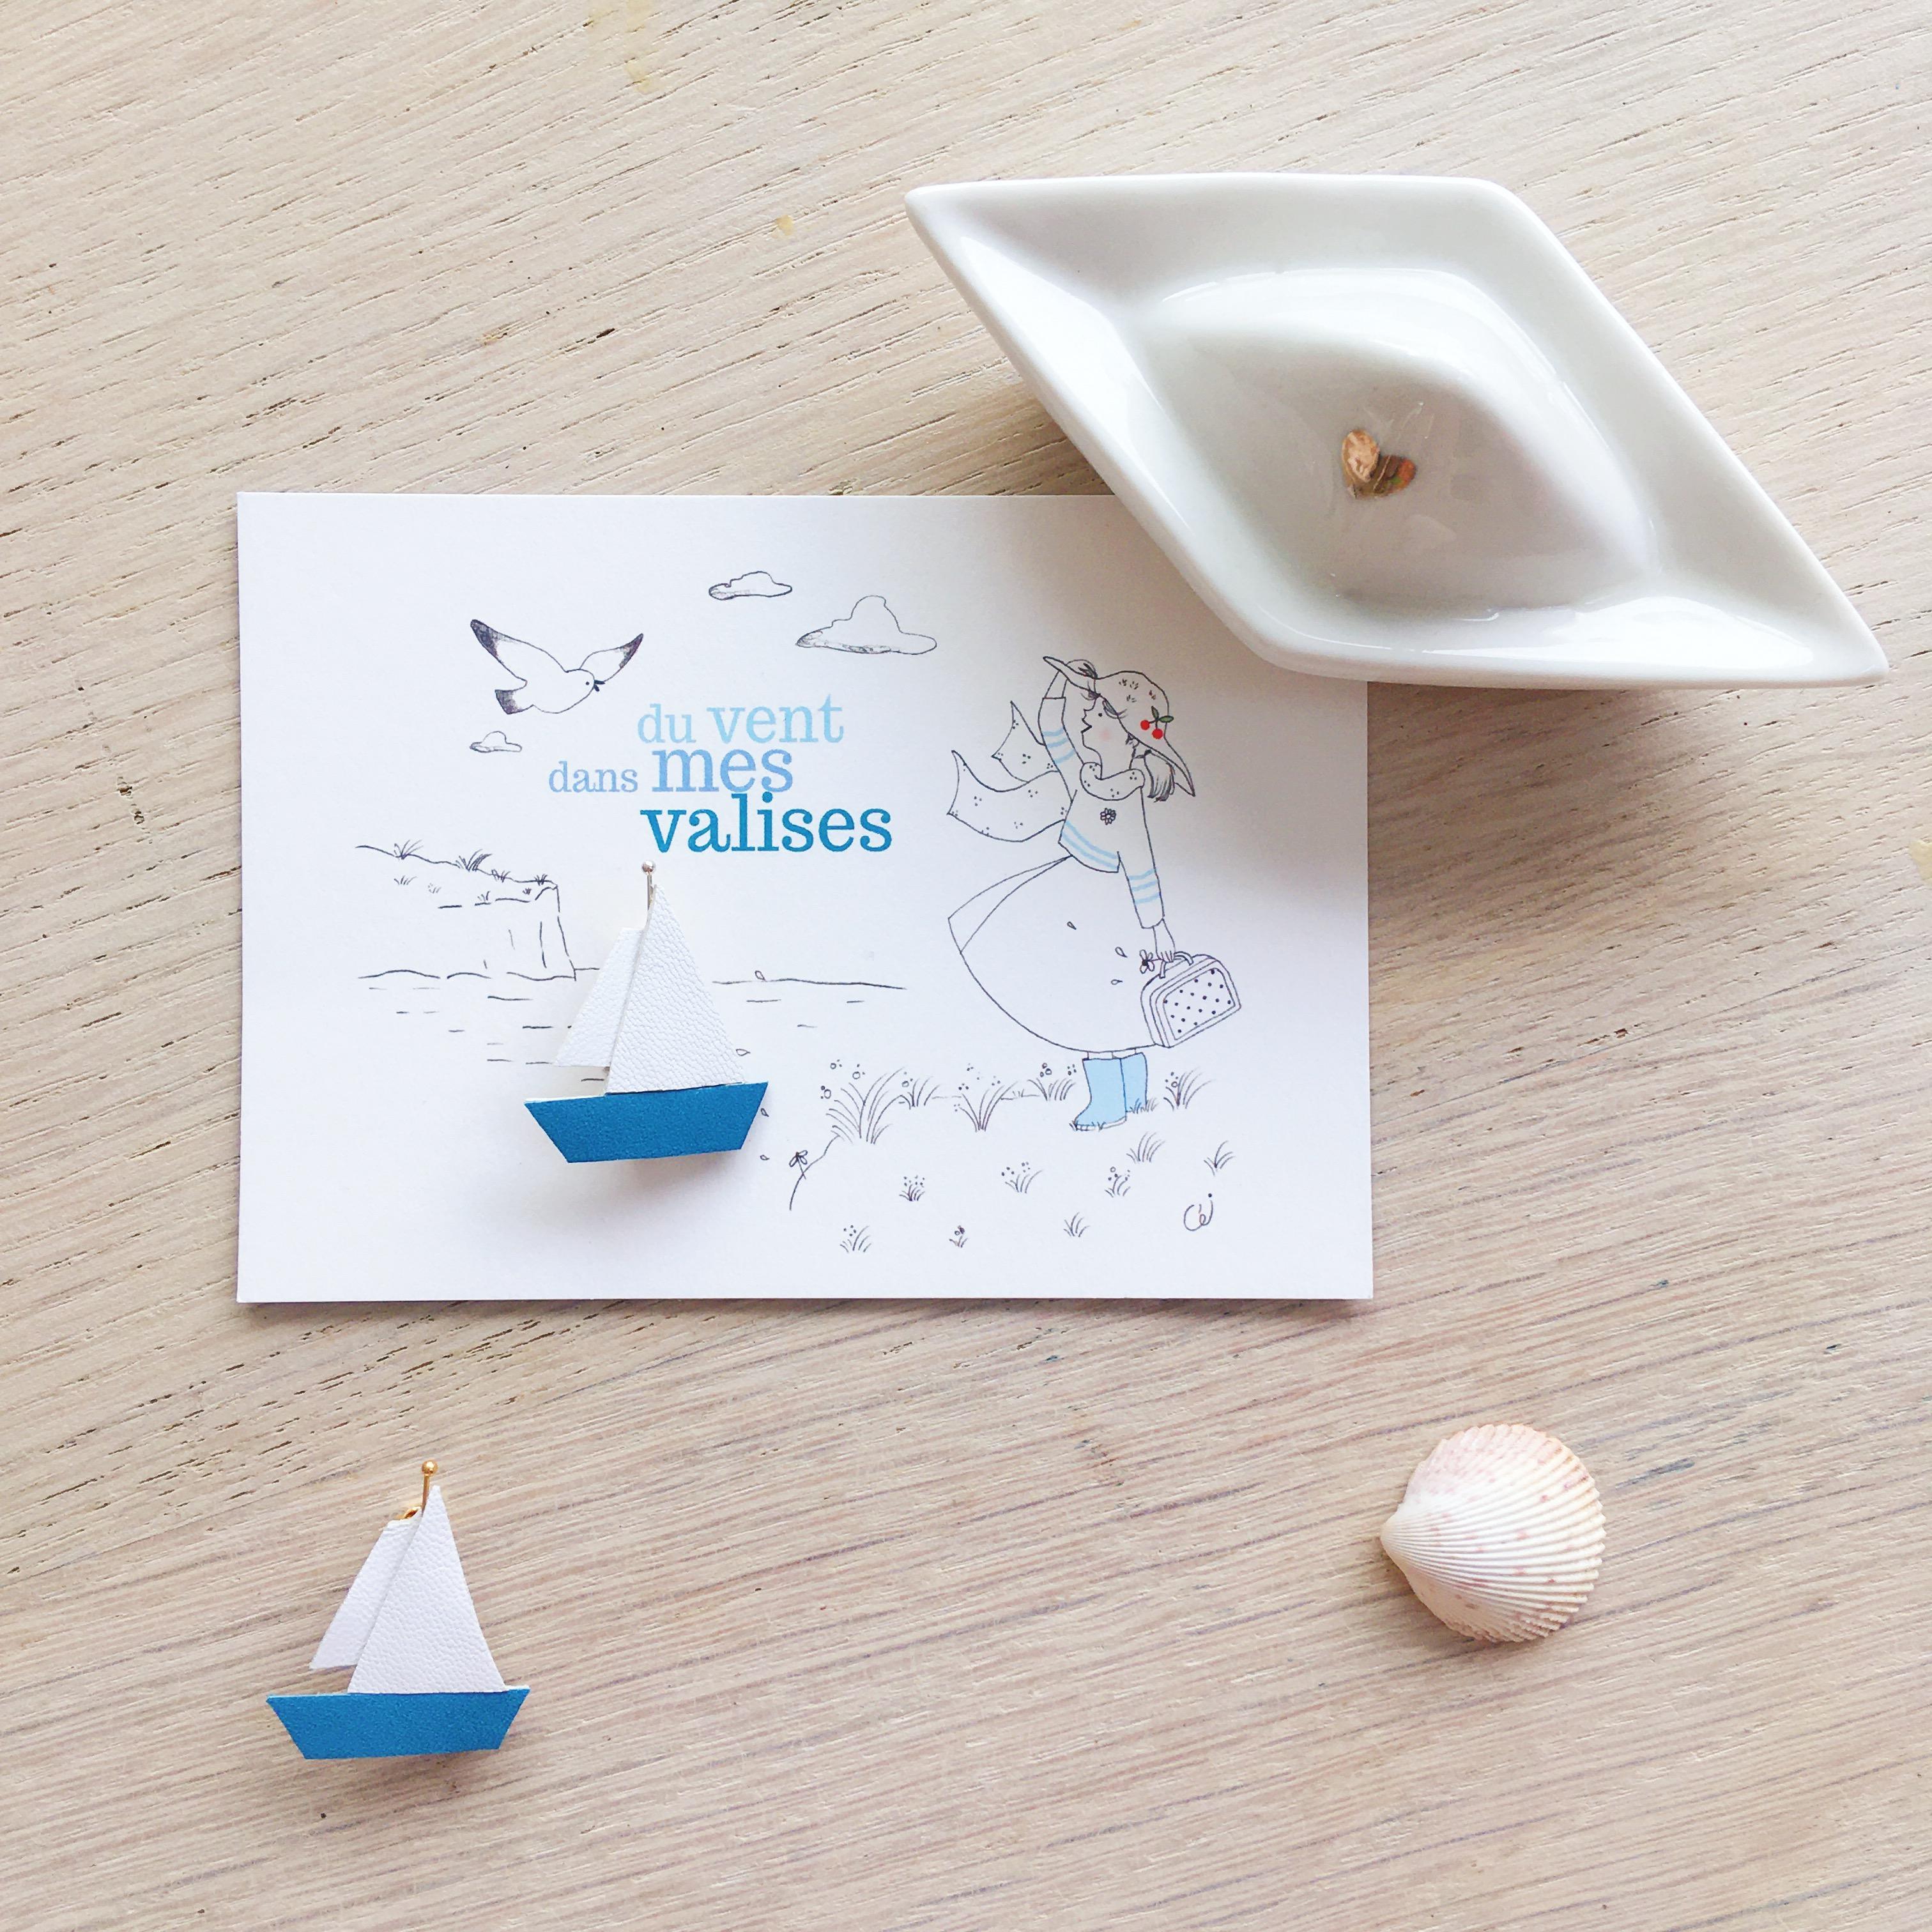 les petits voiliers broche poétique bijoux créateur pour l'été made in france - du vent dans mes valises